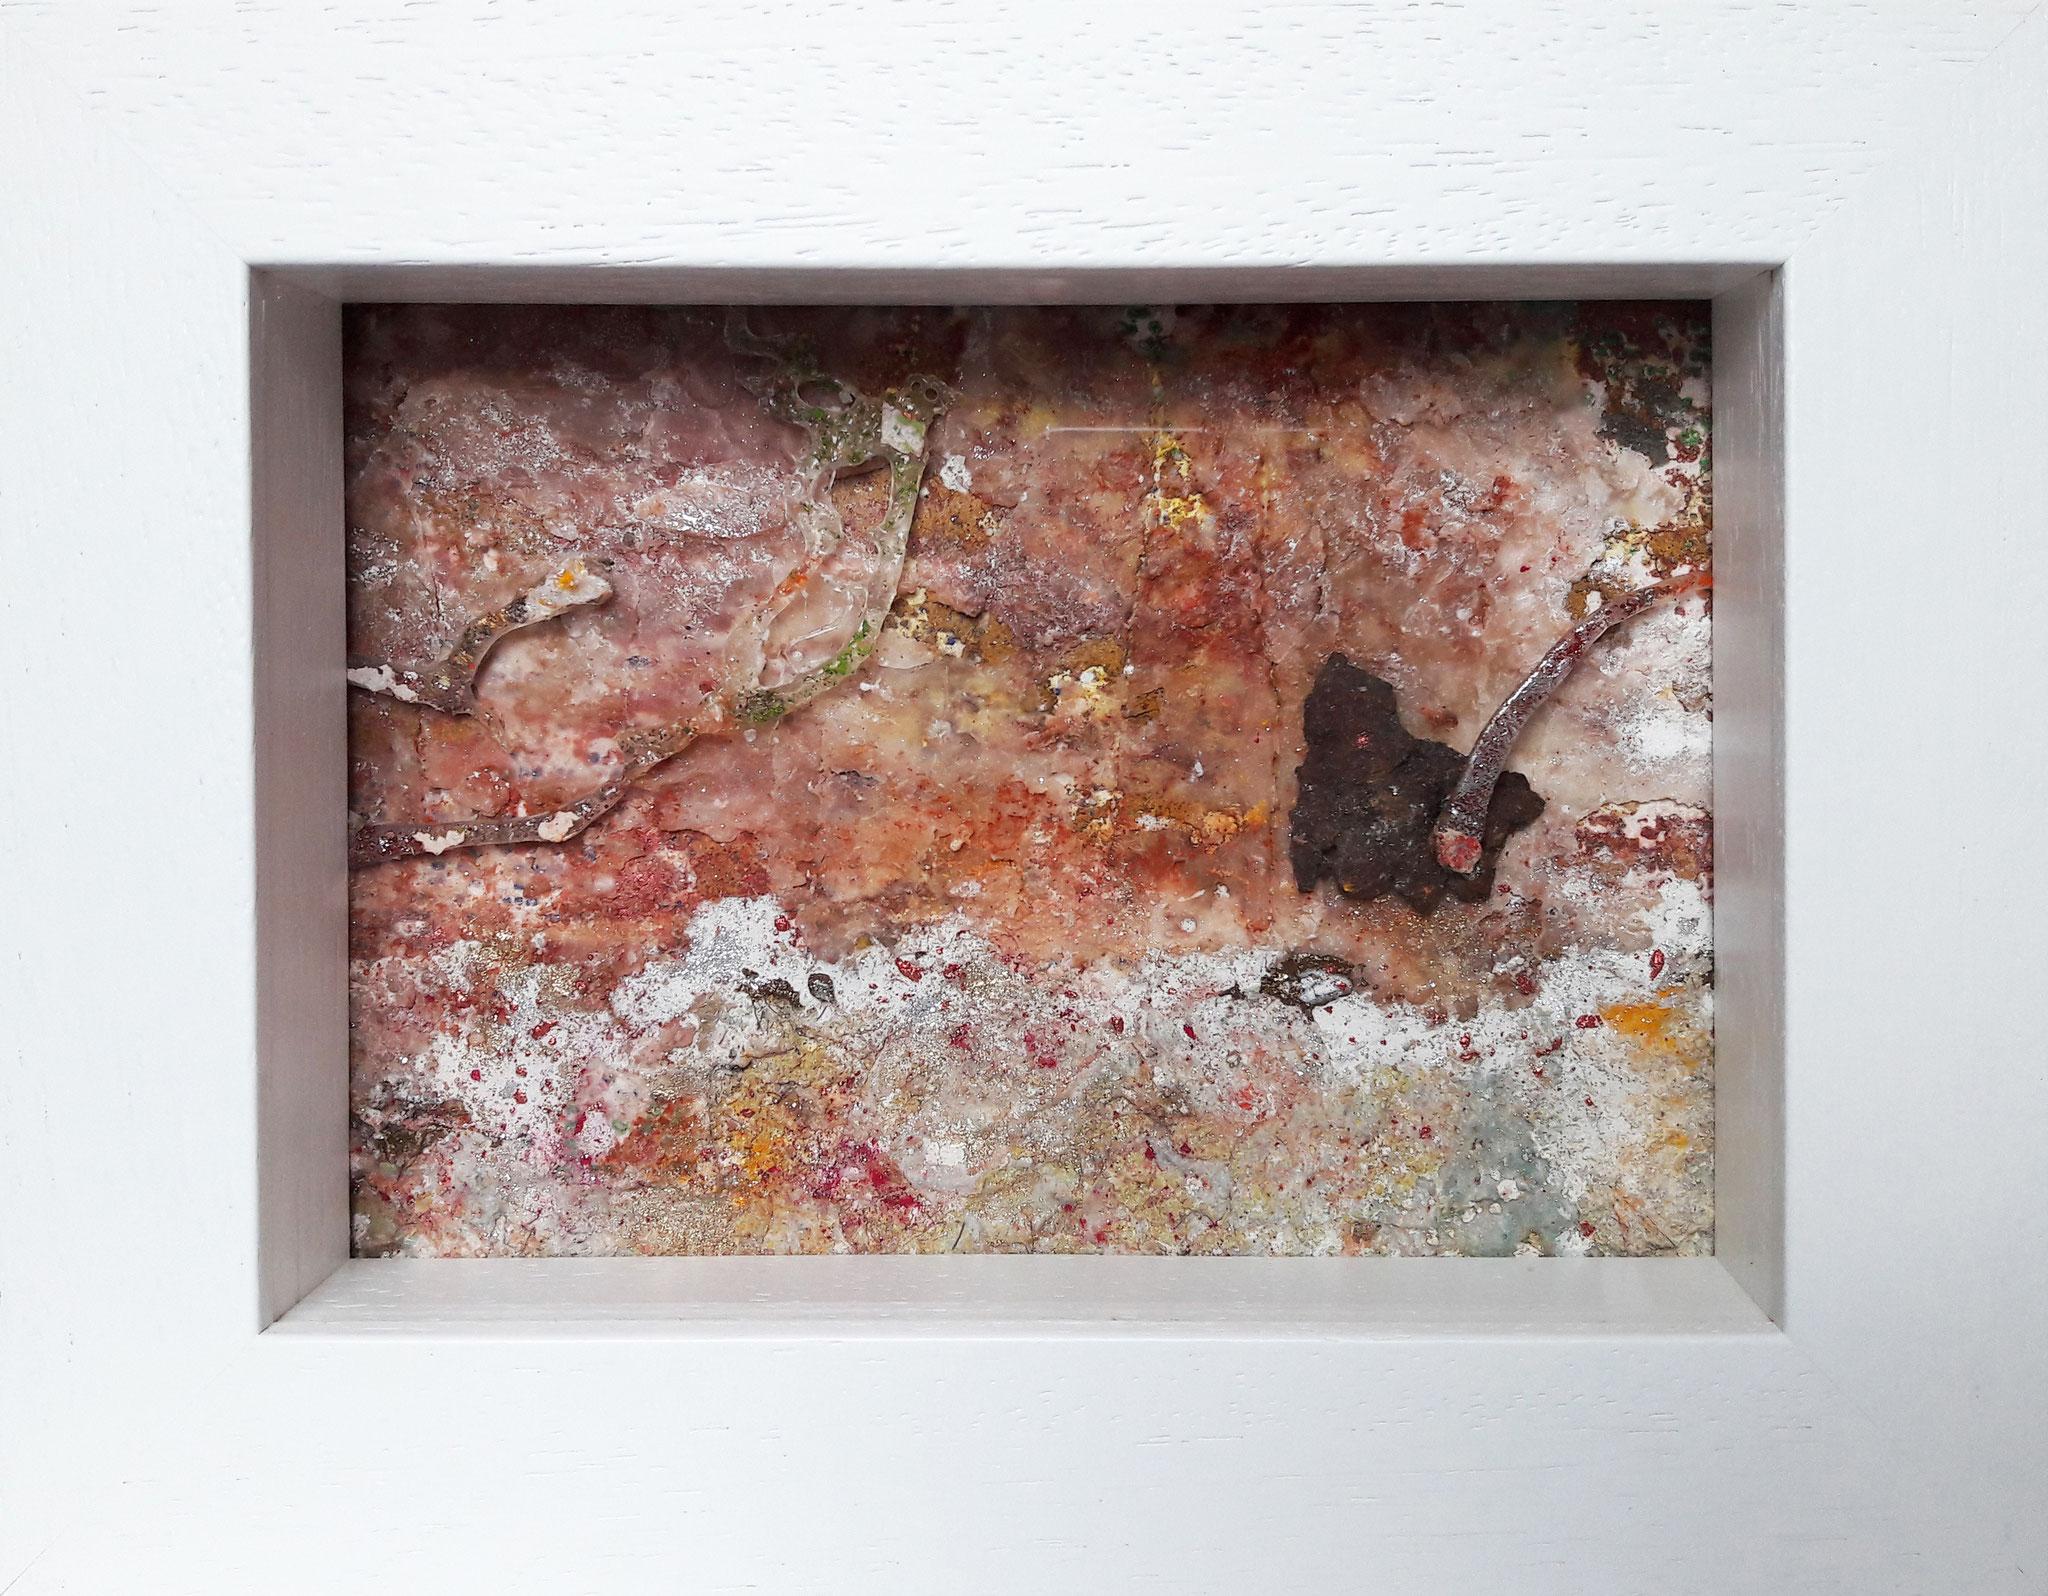 Nach Hause telefonieren E.T., Acrylmischtechnik, 23 x 18 mit Rahmen, 2017, verkauft